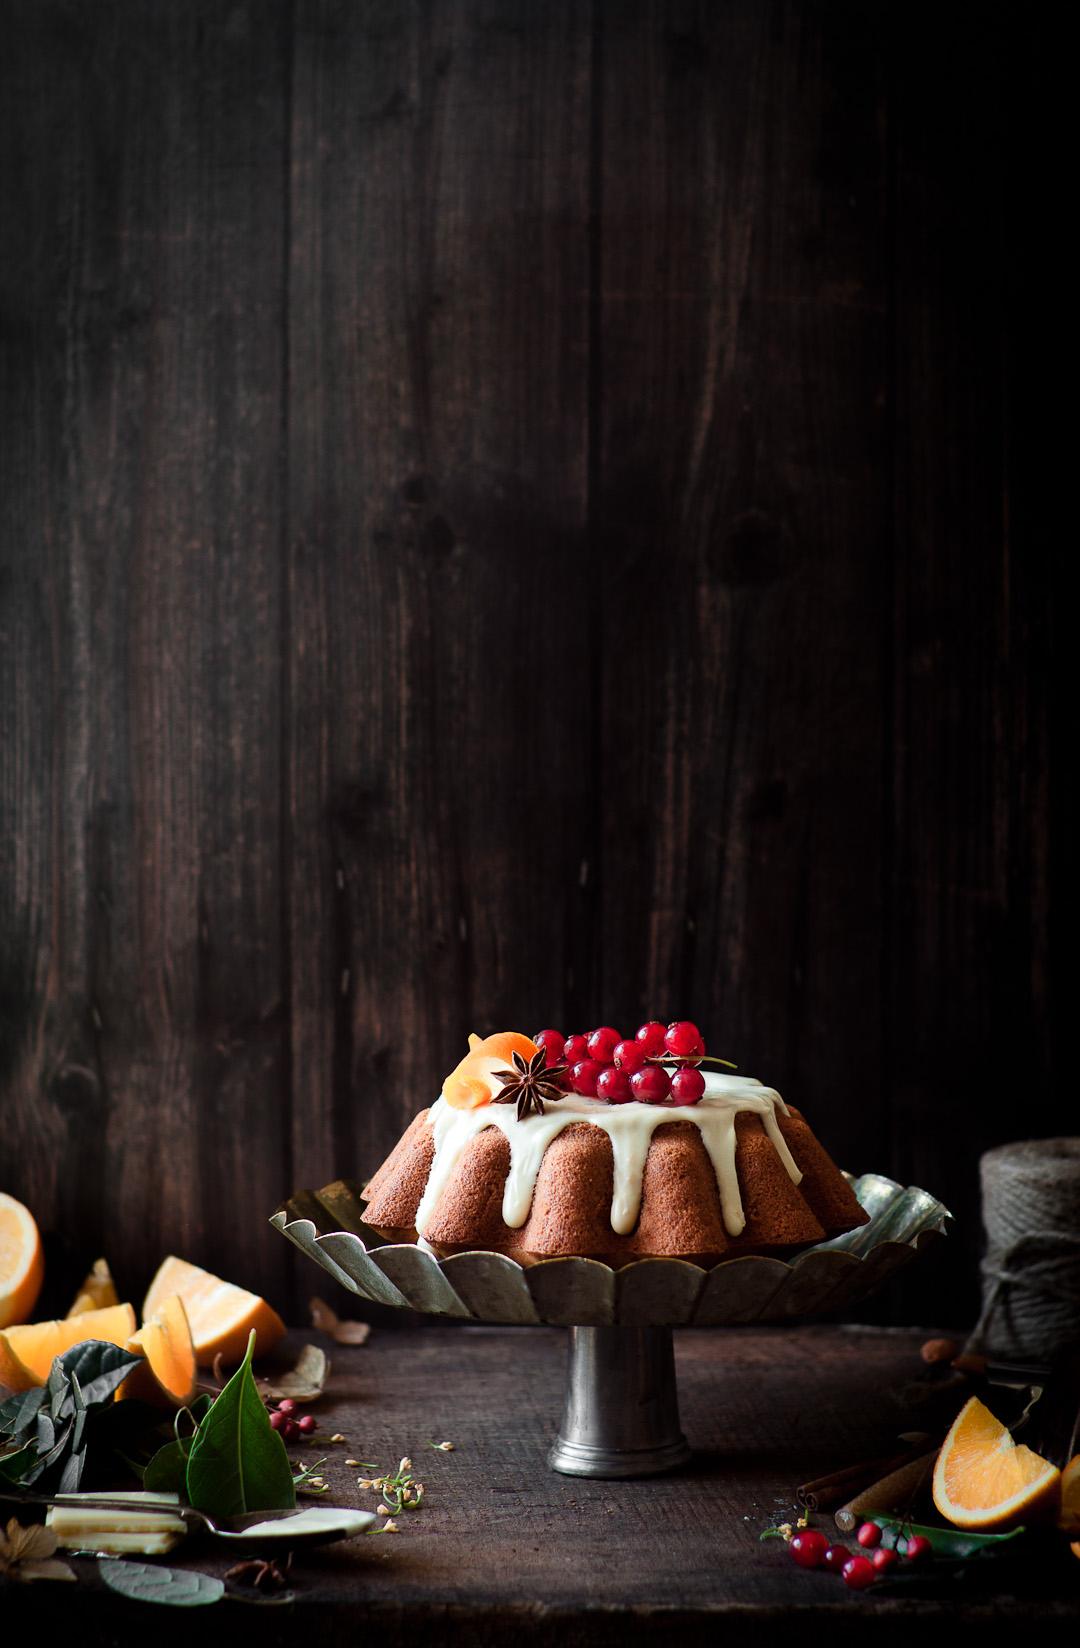 vegan&gluten free orange cake with white chocolate ganache